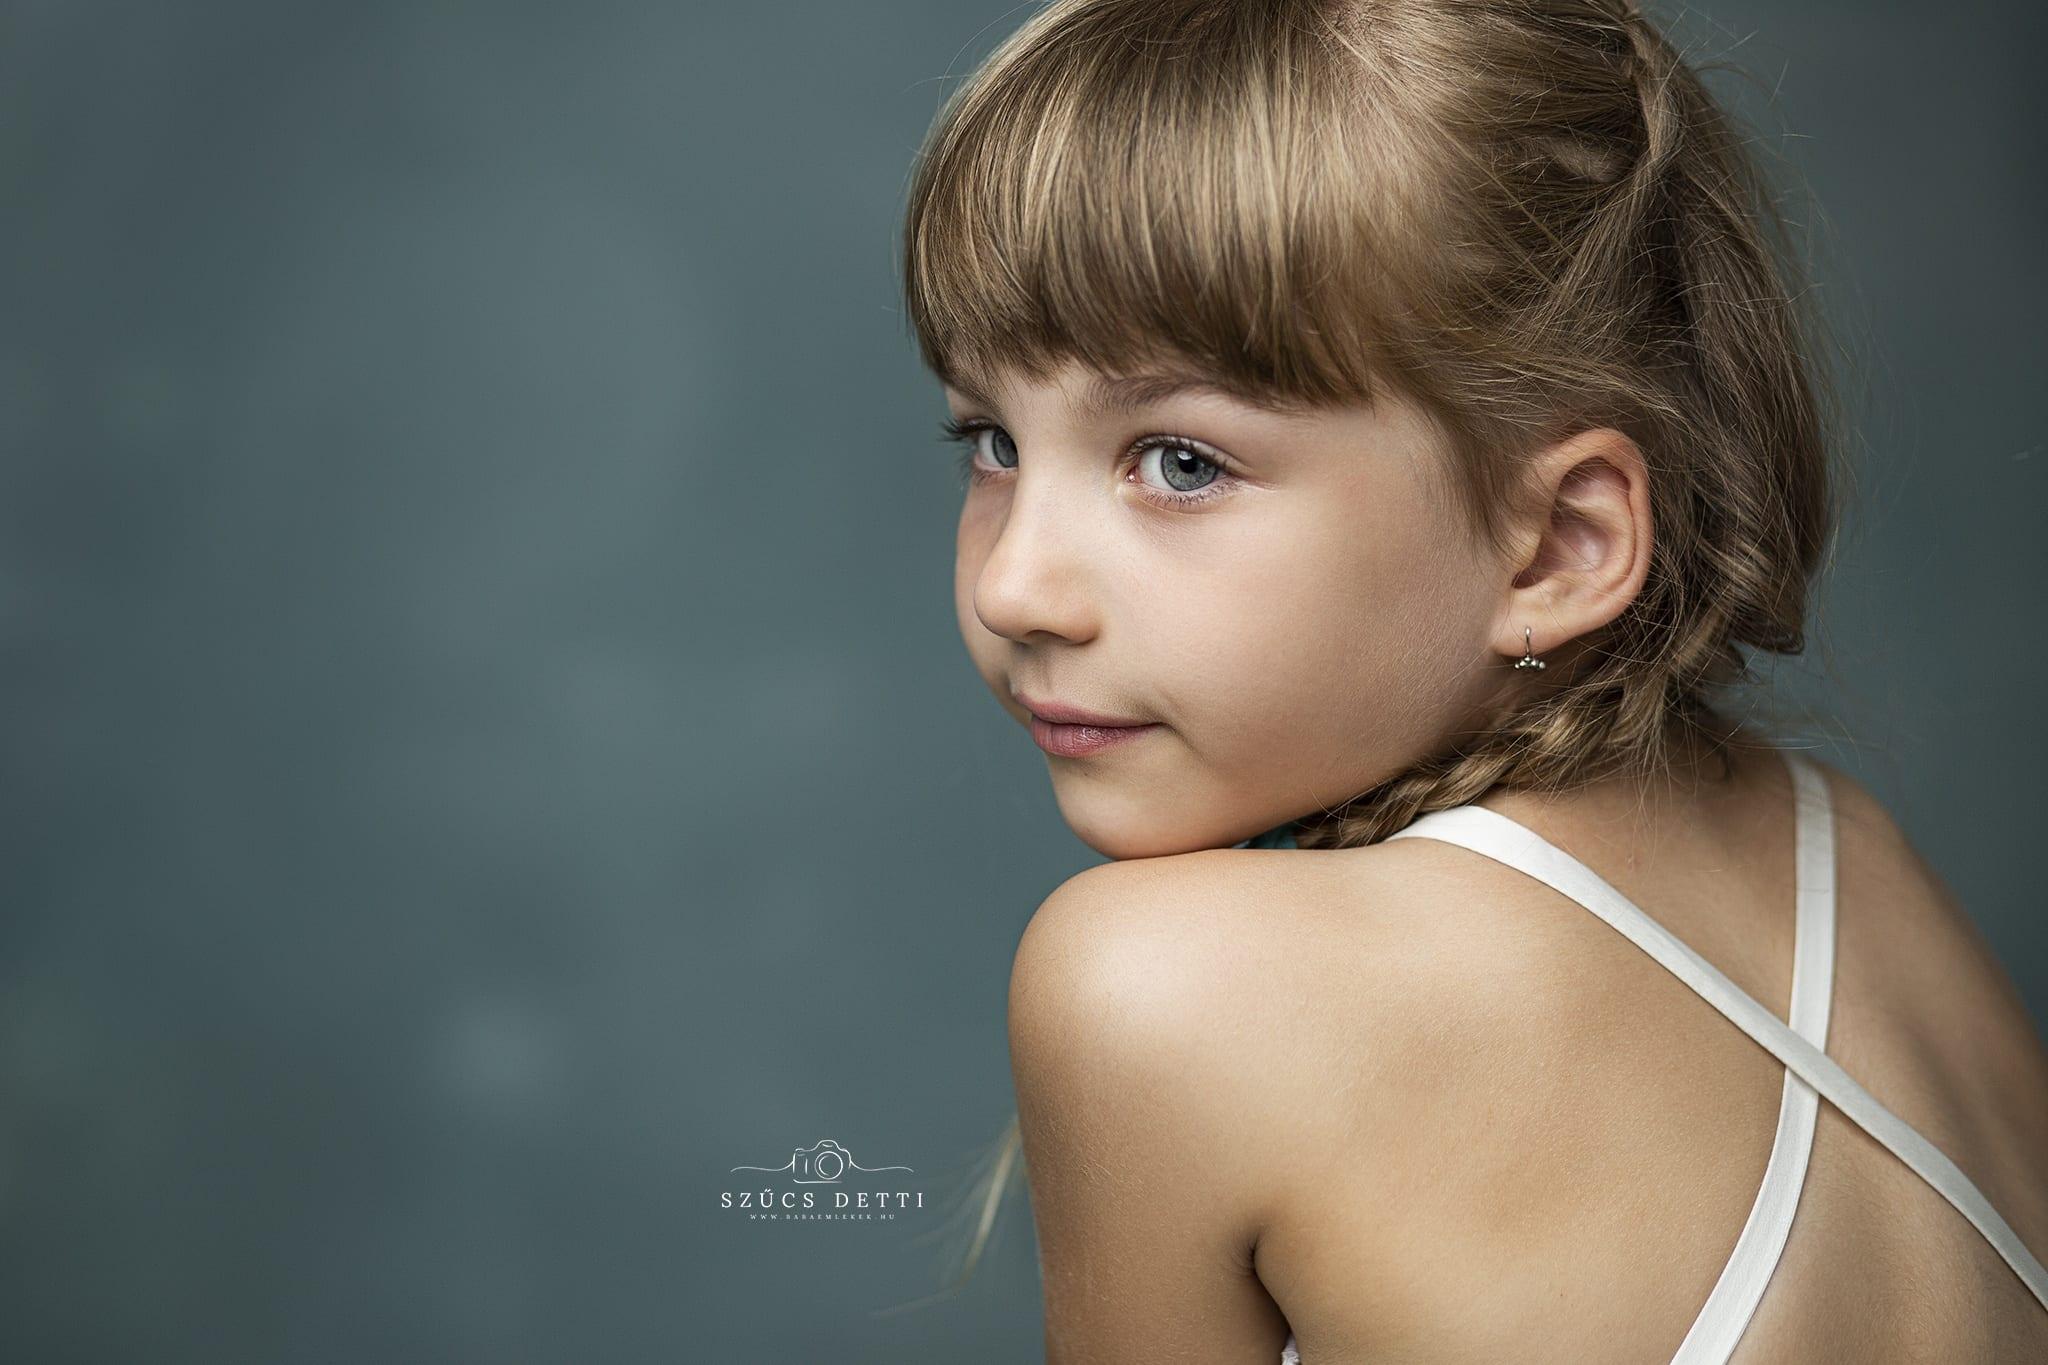 Dorka gyönyörű gyermek fotózása jégvarázsos ruhában